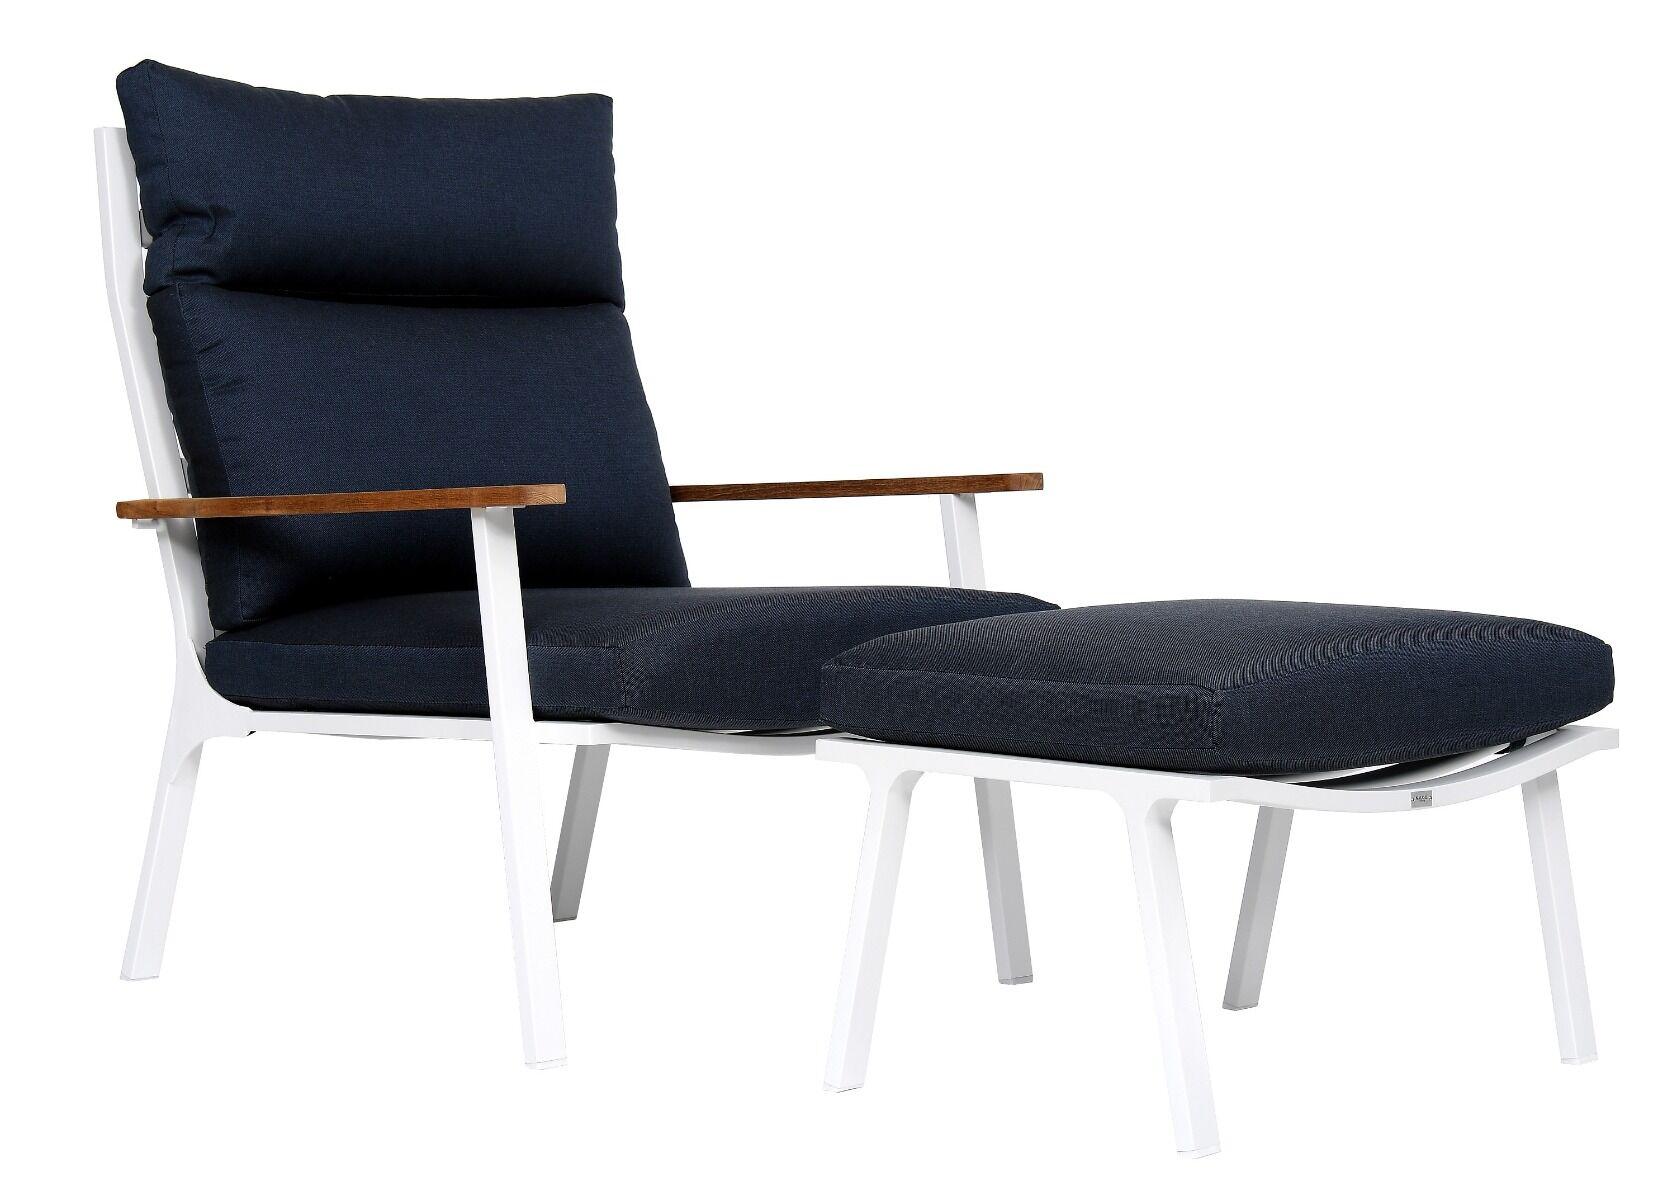 Fotel ogrodowy z podnóżkiem Sara 80x86x96cm